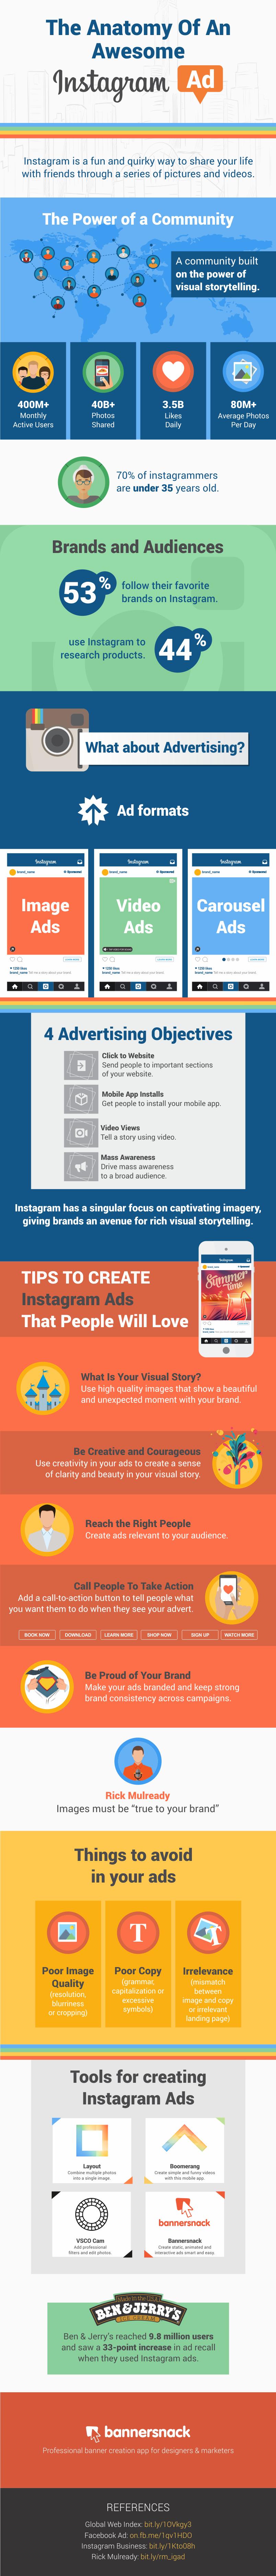 Estadísticas, consejos y herramientas para crear anuncios en Instagram que impacten